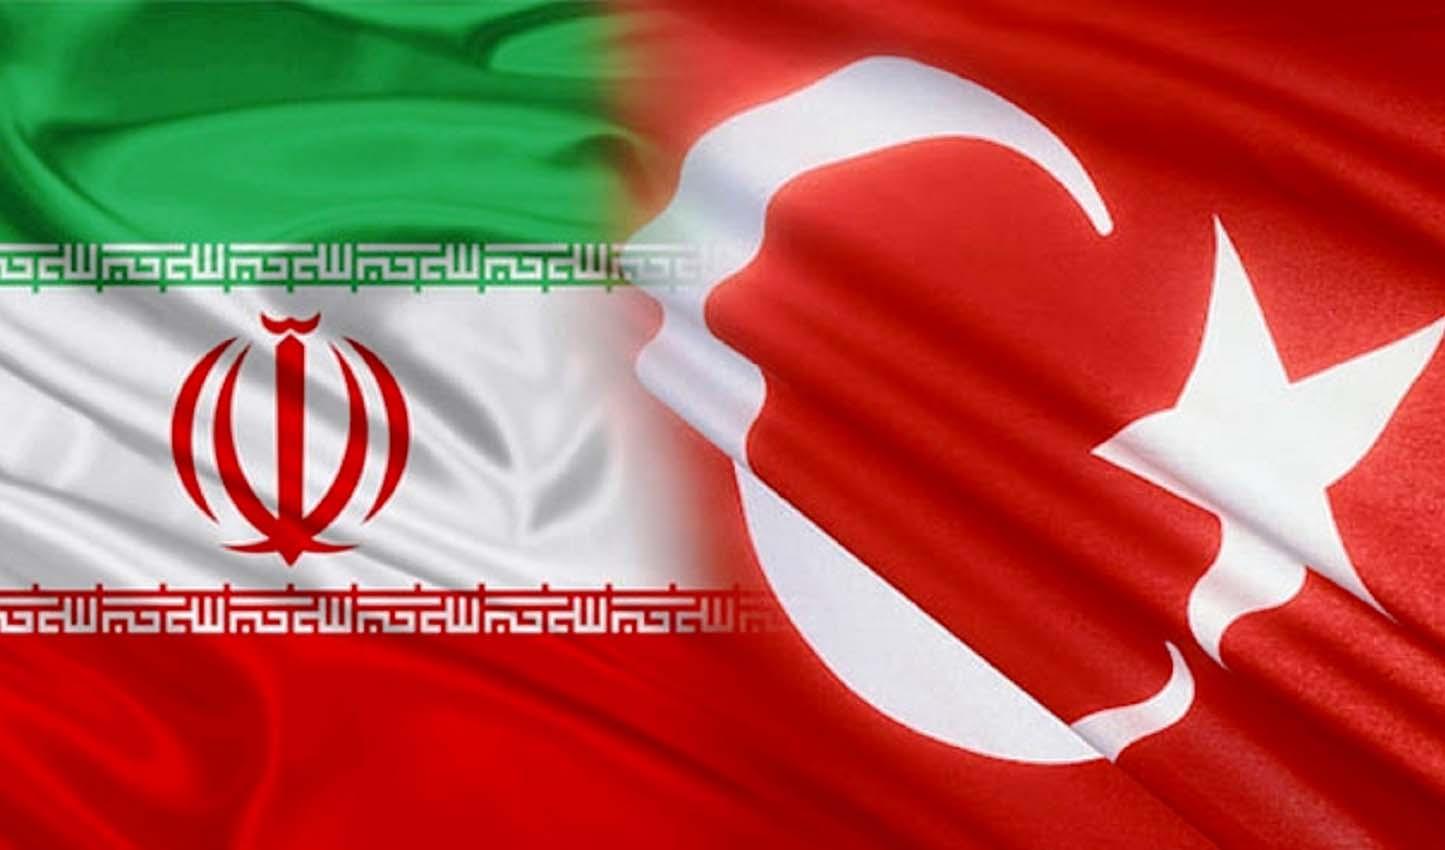 بررسی ظرفیت حمل و نقل ریلی کشور در توسعه تجارت با ترکیه